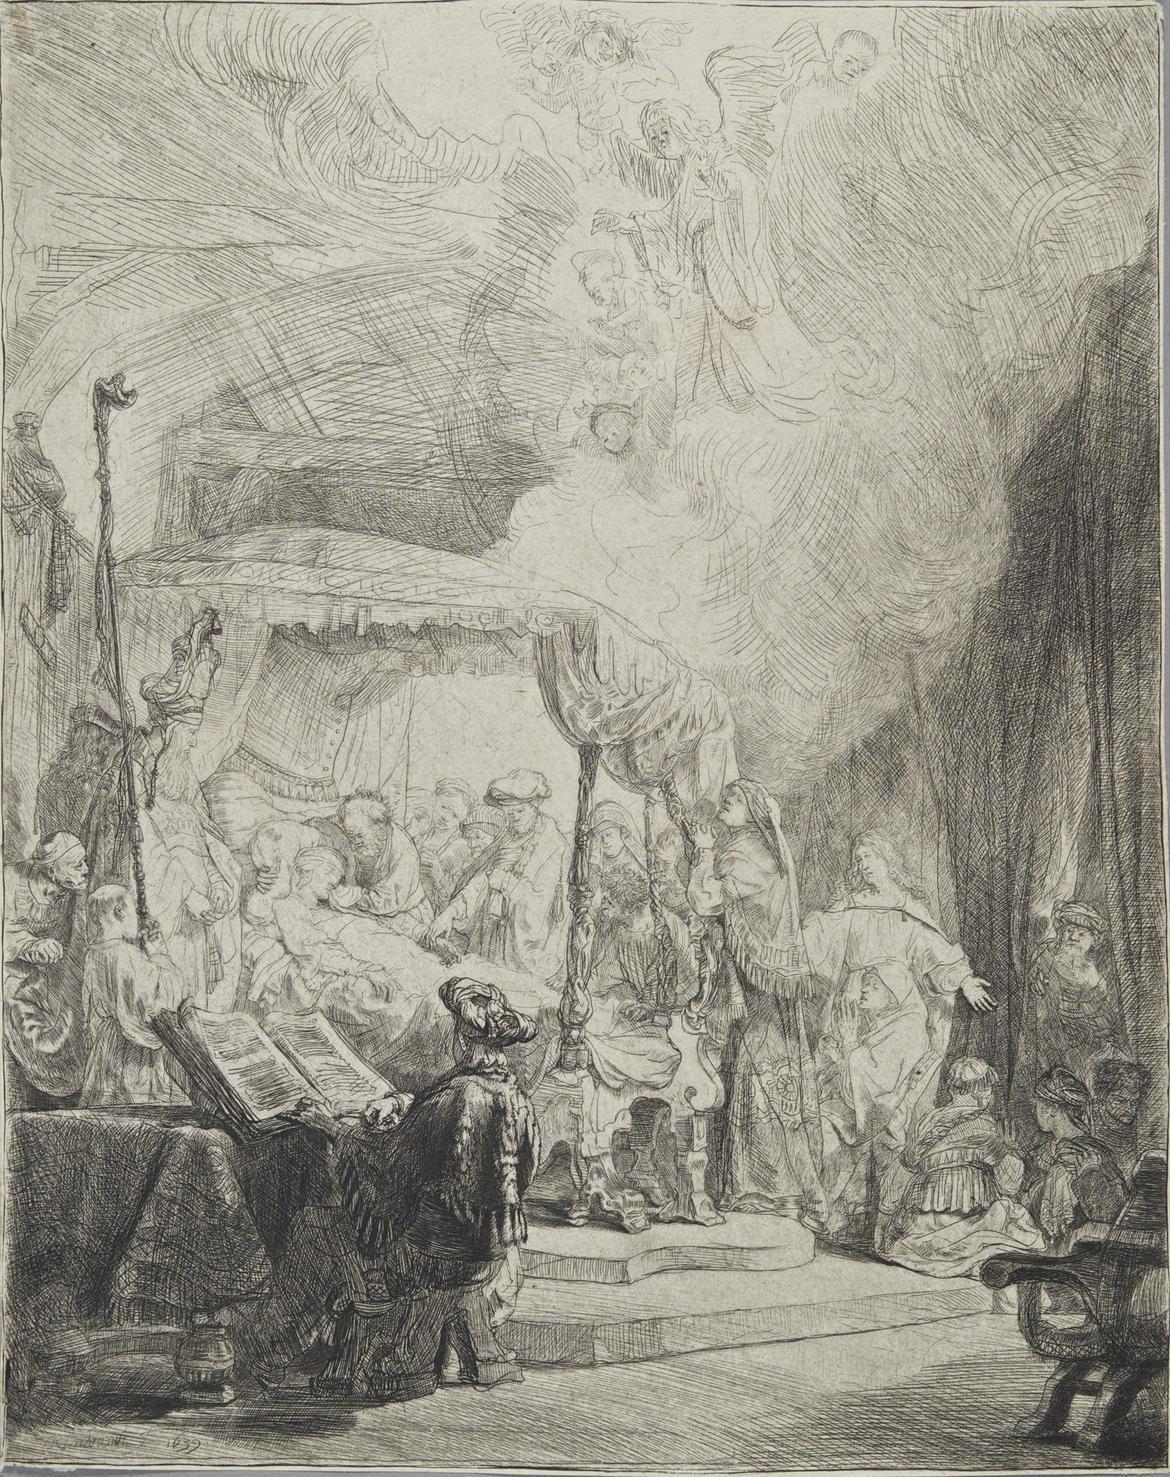 A Trento una mostra illustra l'opera grafica di Rembrandt attraverso una collezione trentina